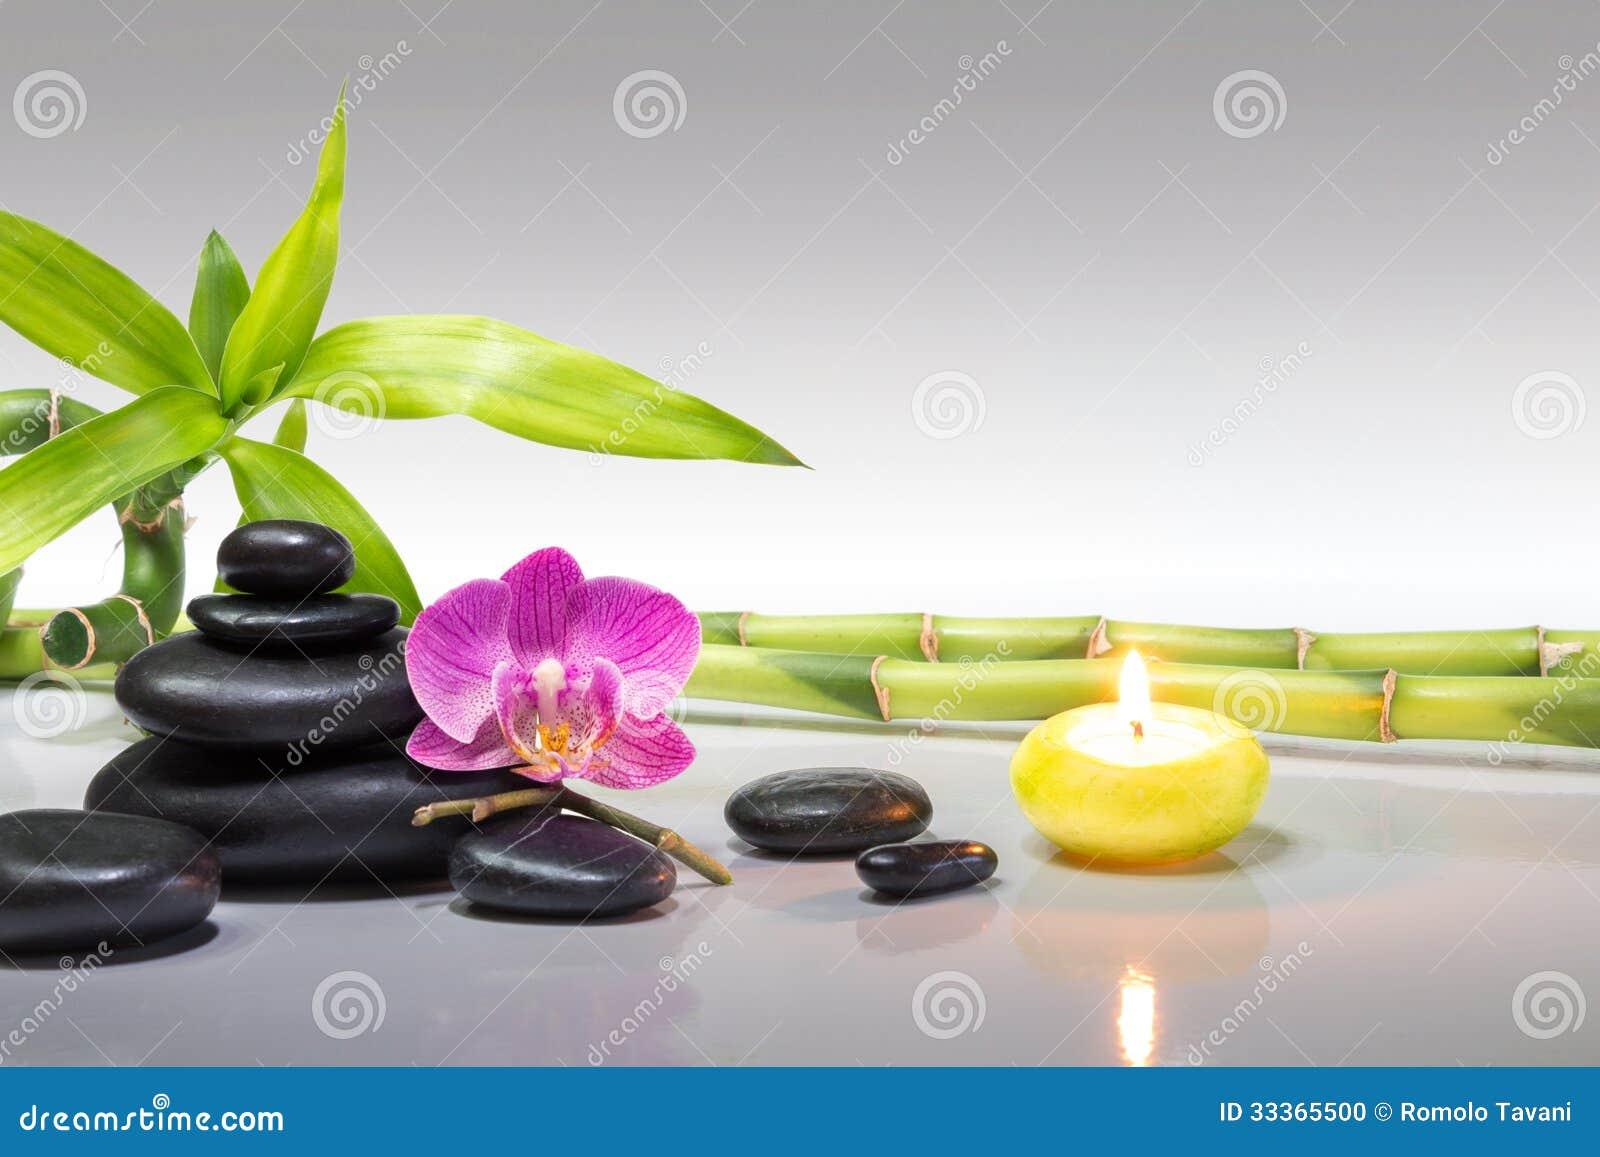 Purpurrote Orchidee Kerze Mit Den Bambus Und Schwarzen Steinen